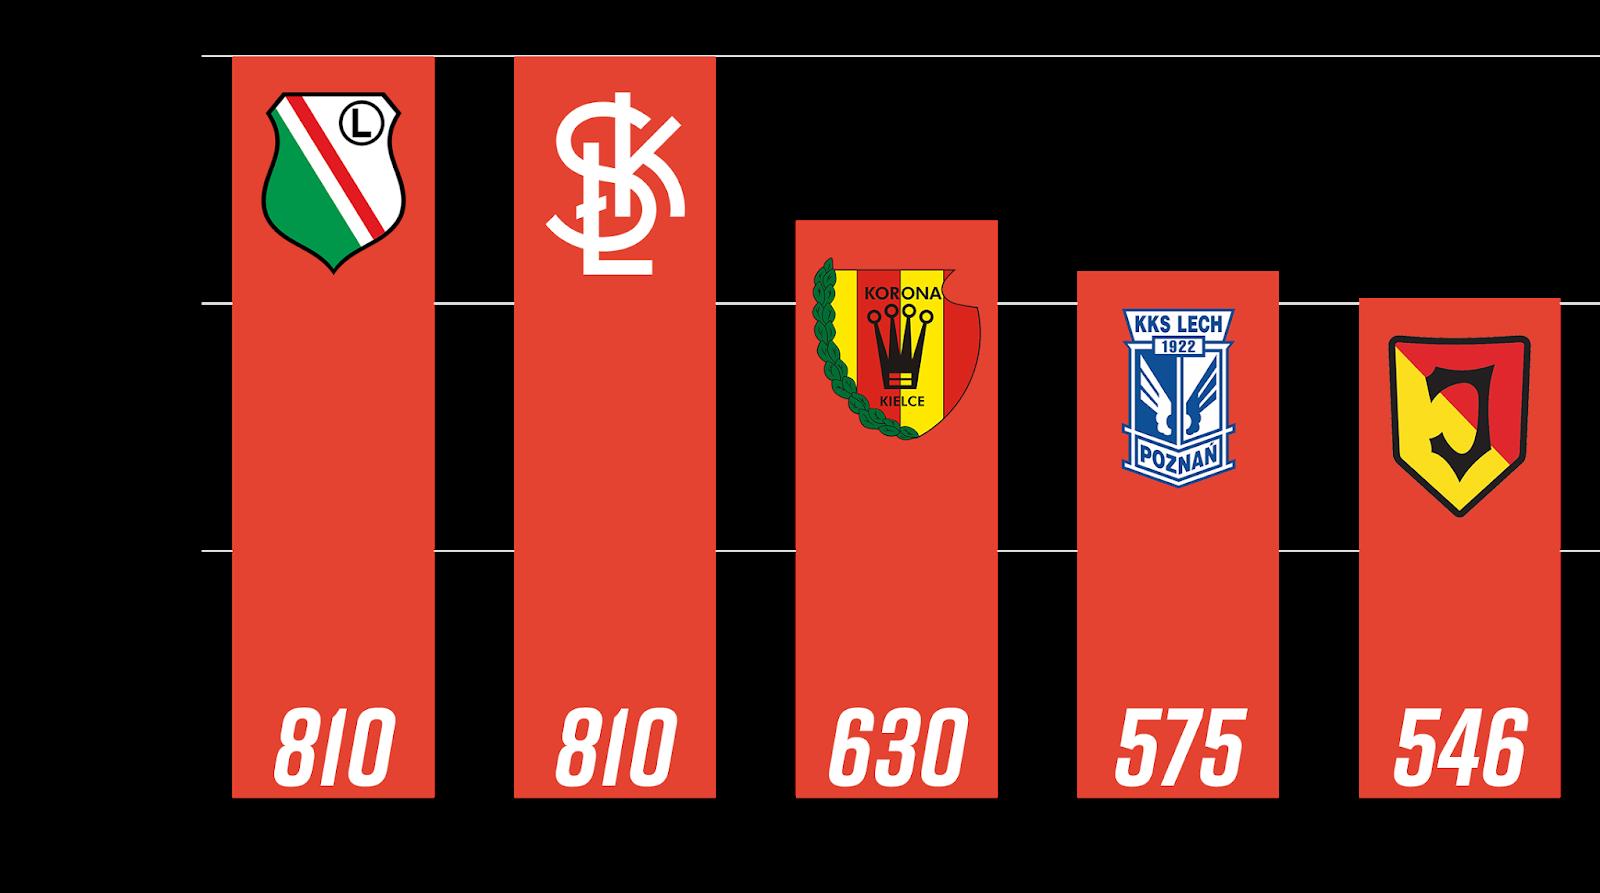 Młodzieżowcy z rocznika 1999 i młodsi z największą liczbą rozegranych minut po 9. kolejce PKO Ekstraklasy<br><br>Źródło: Opracowanie własne na podstawie ekstrastats.pl<br><br>graf. Bartosz Urban